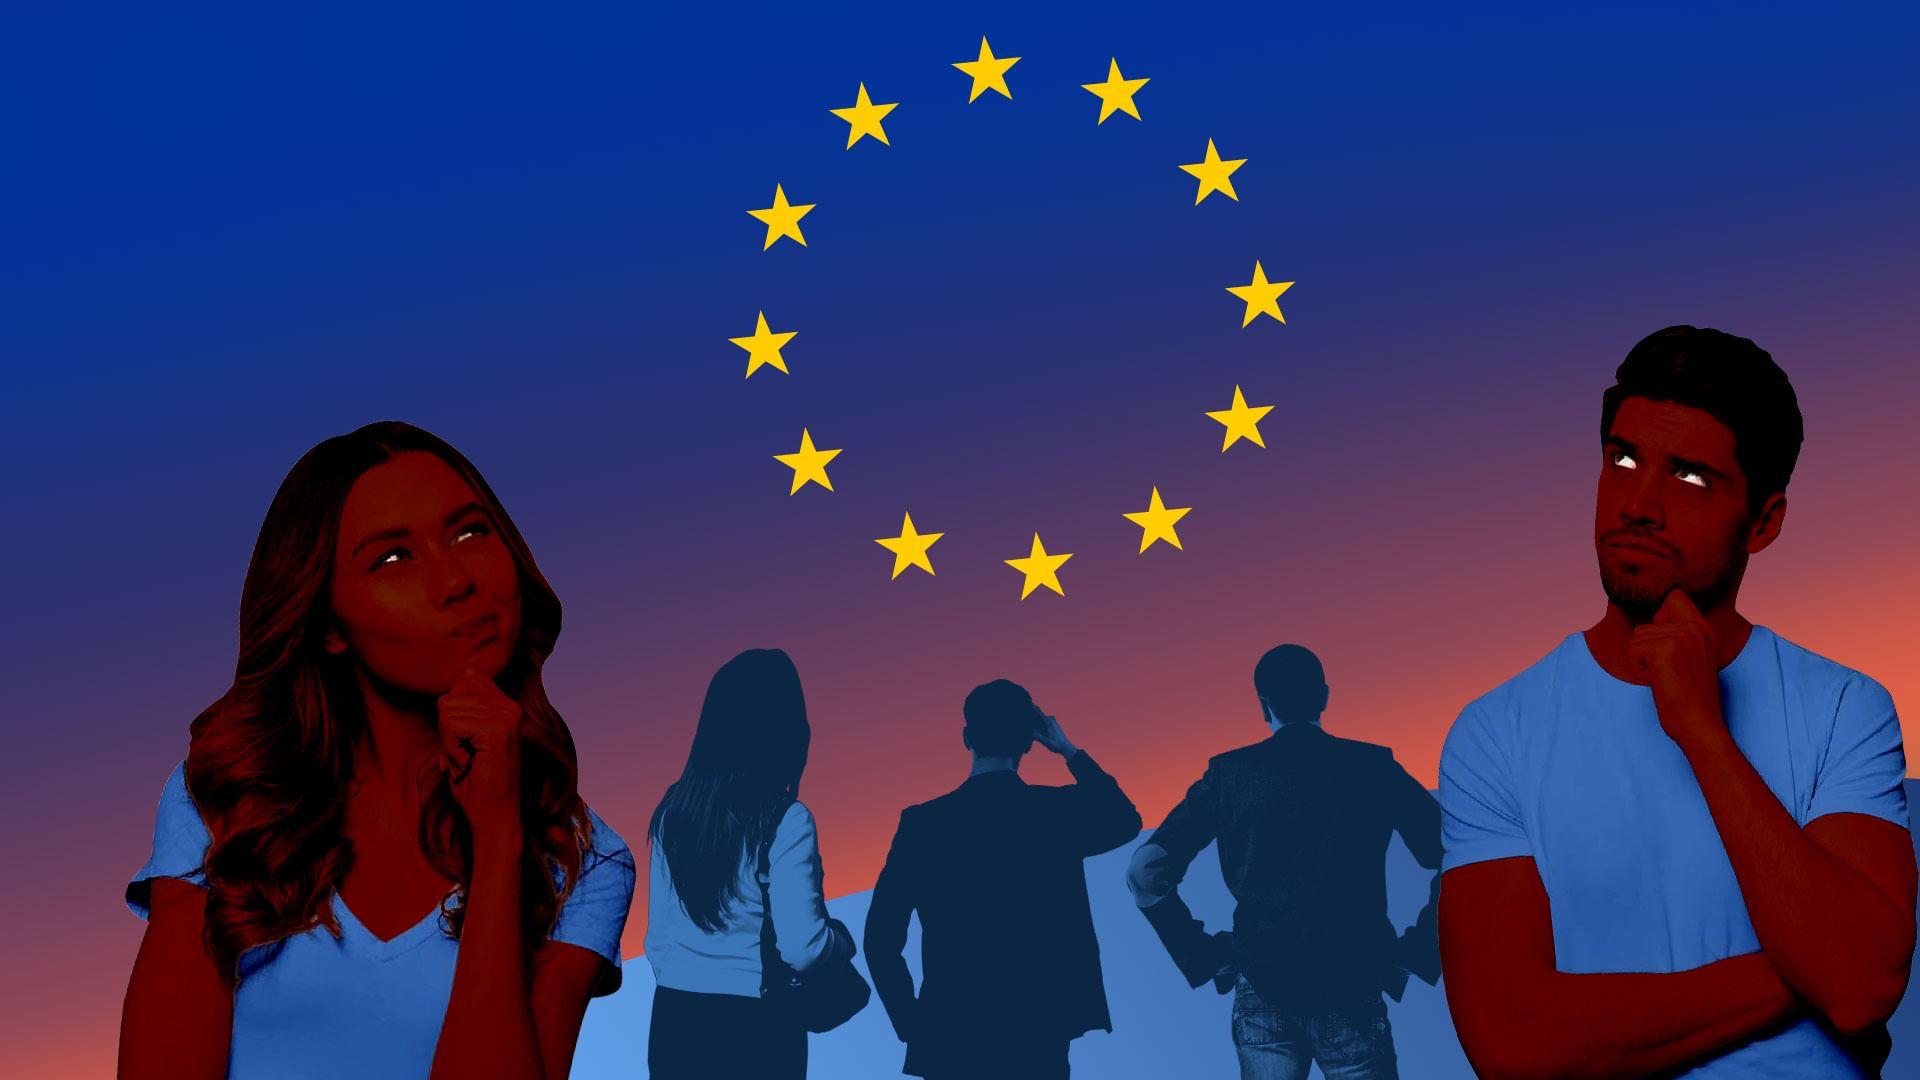 EU: Weichen stellen für die Zeit nach der Krise